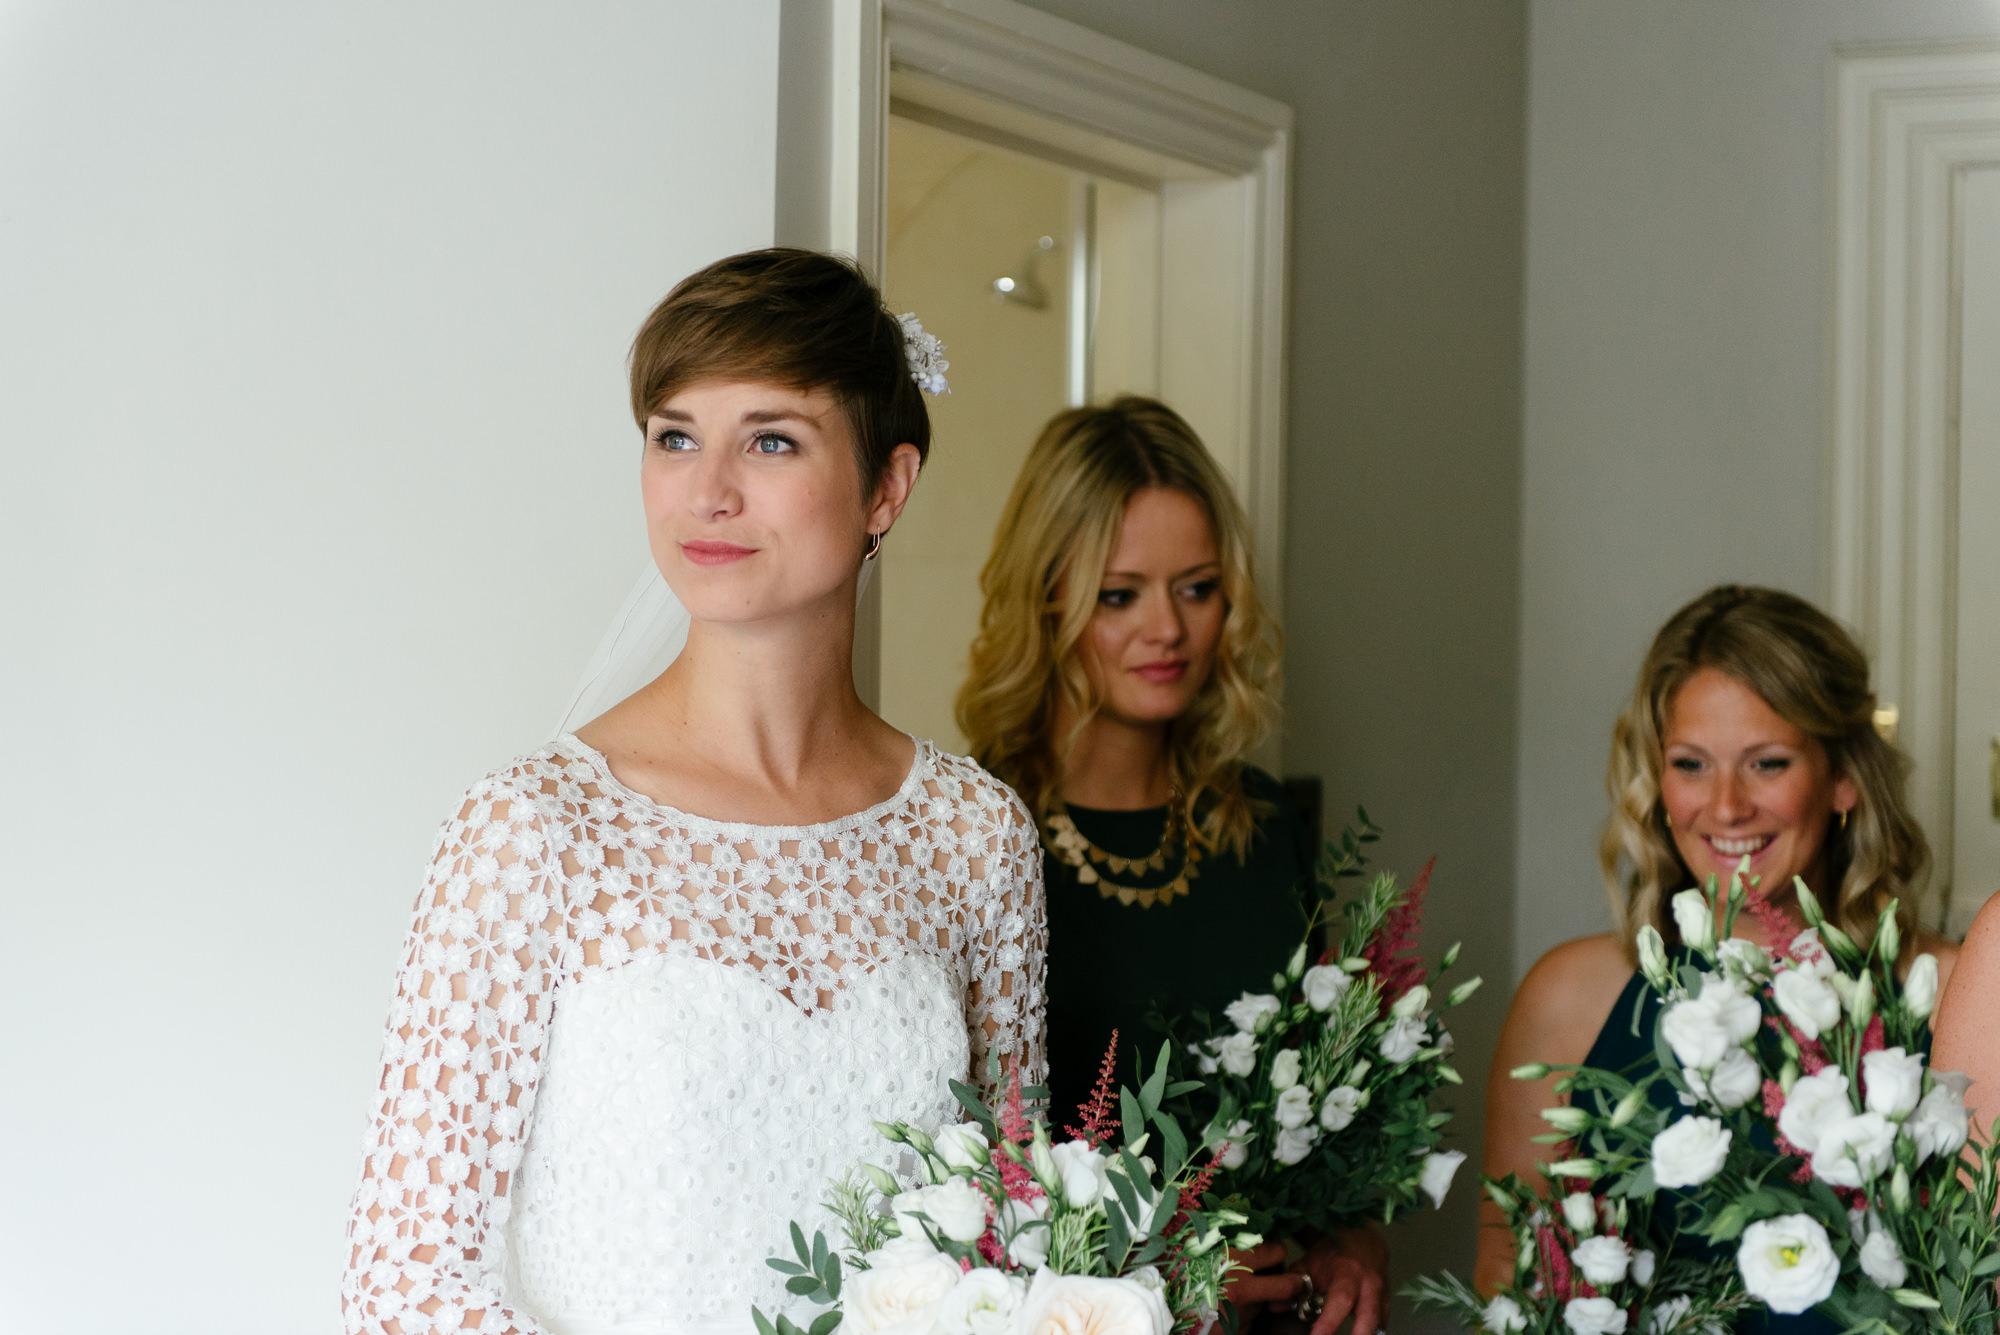 malmsbury-abbey-wedding-24